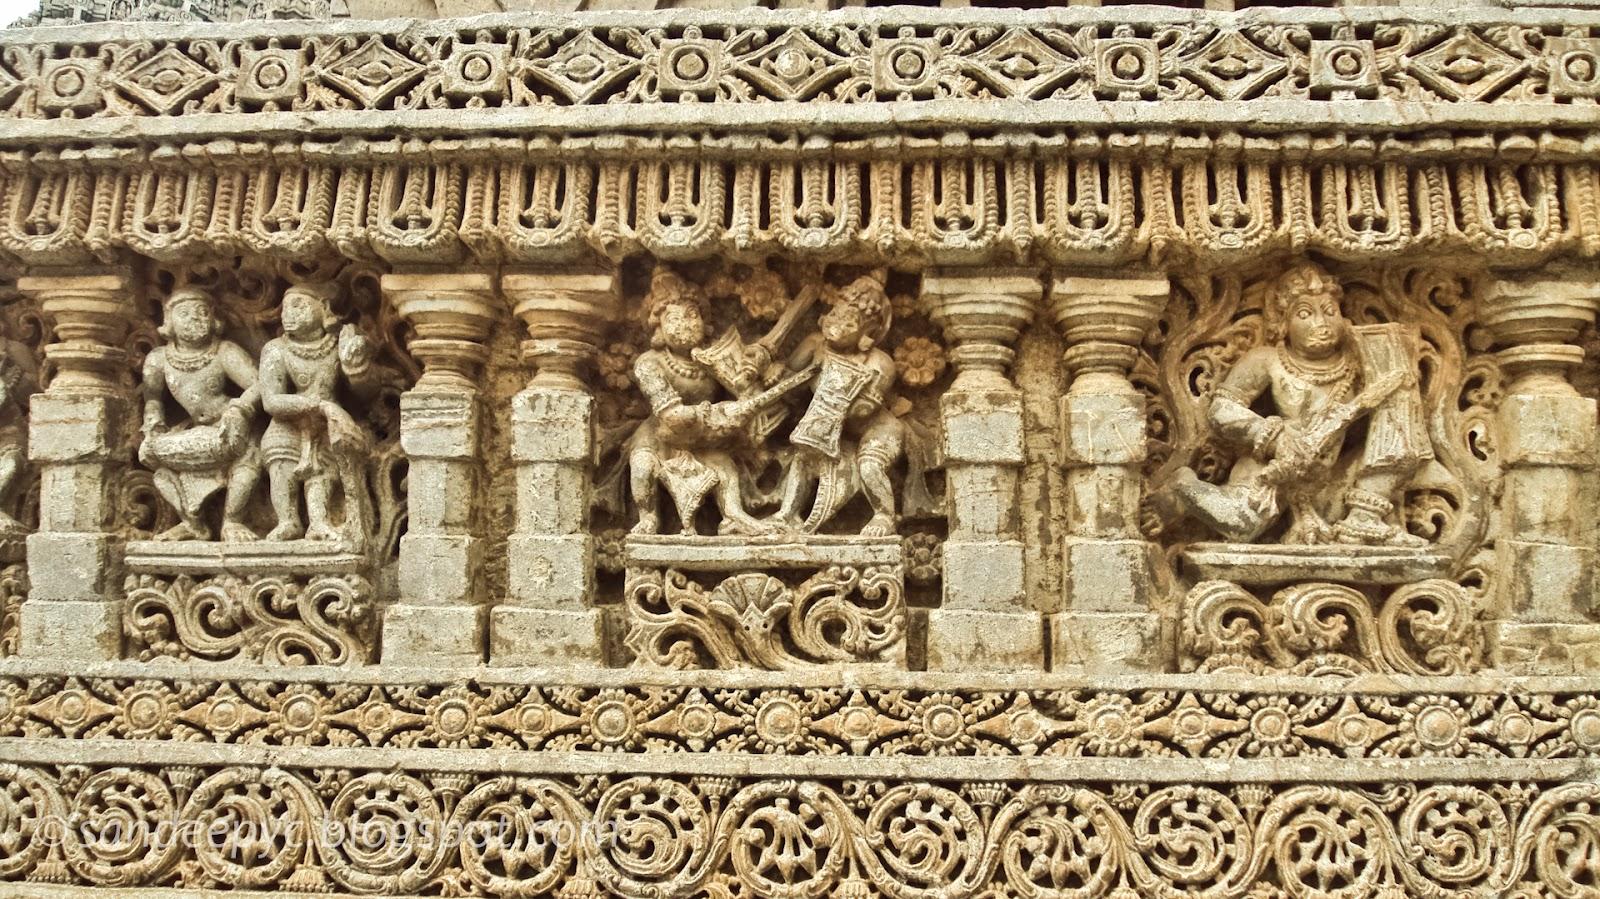 Karnataka travelogue blended with photologue